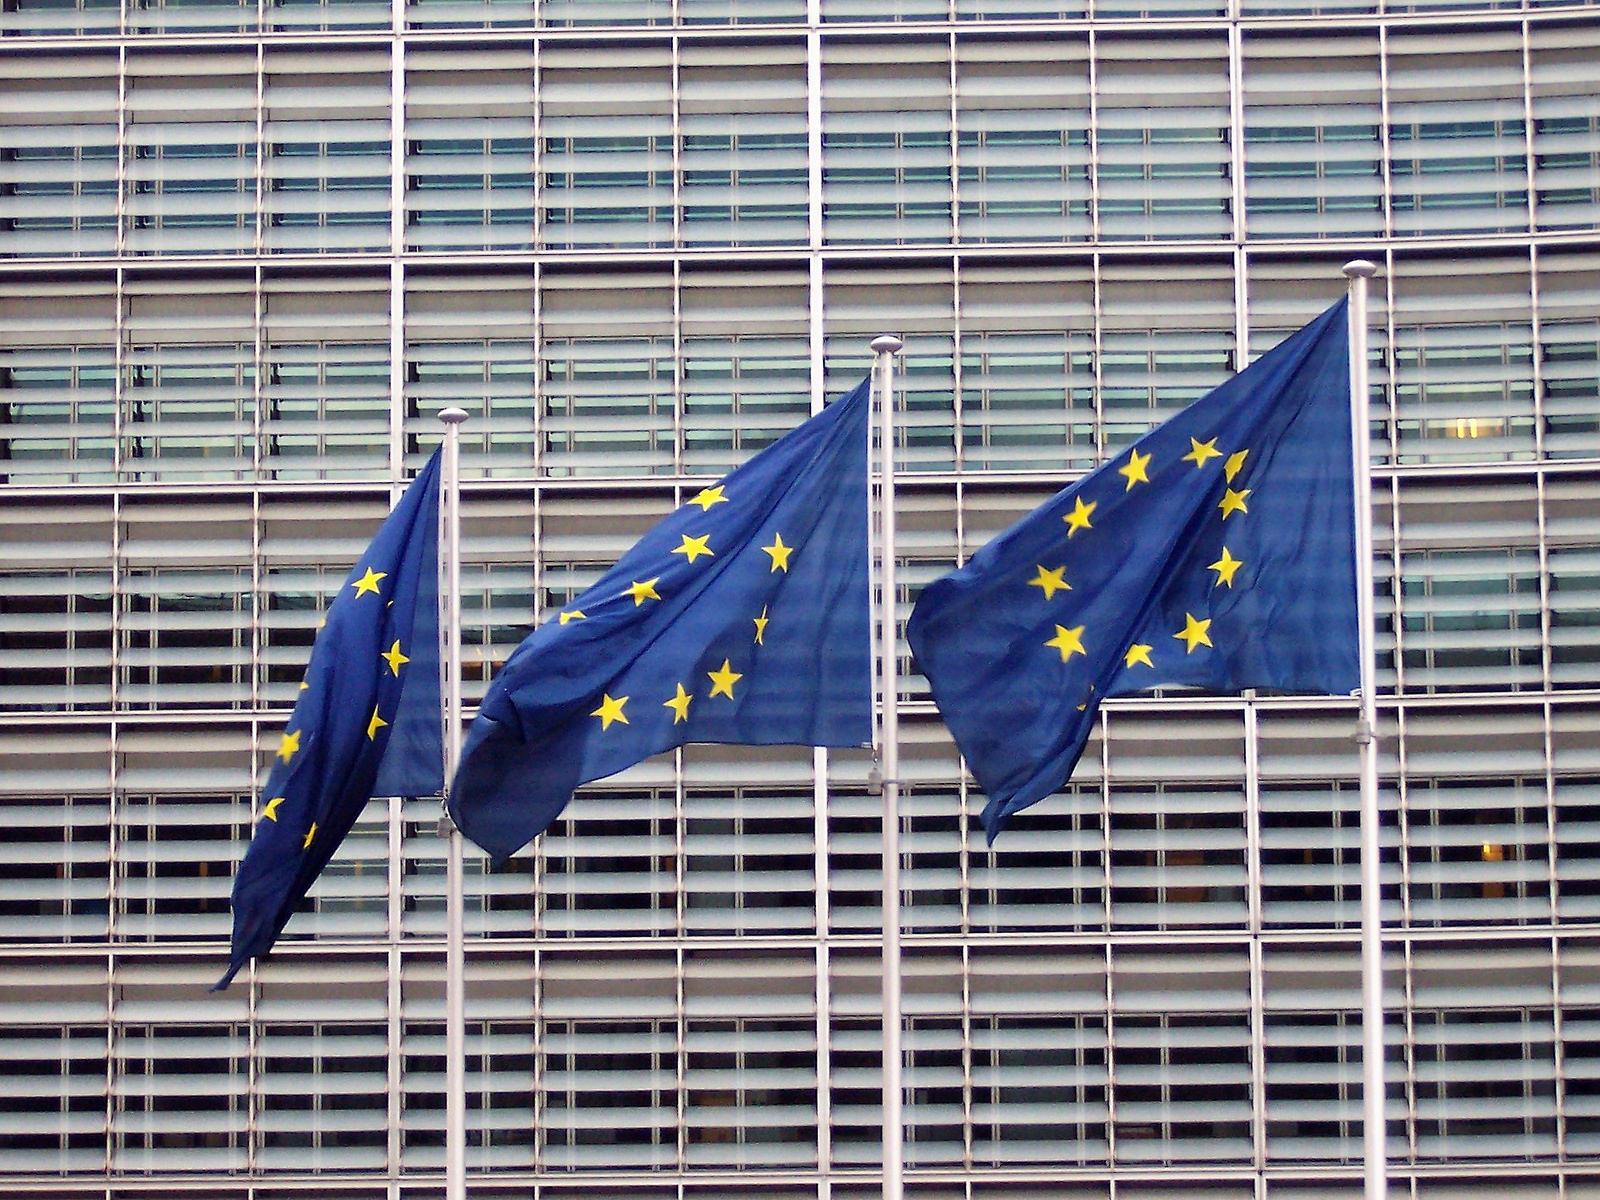 Pour la première fois, l'Union européenne rappelle des montres connectées peu sécurisées